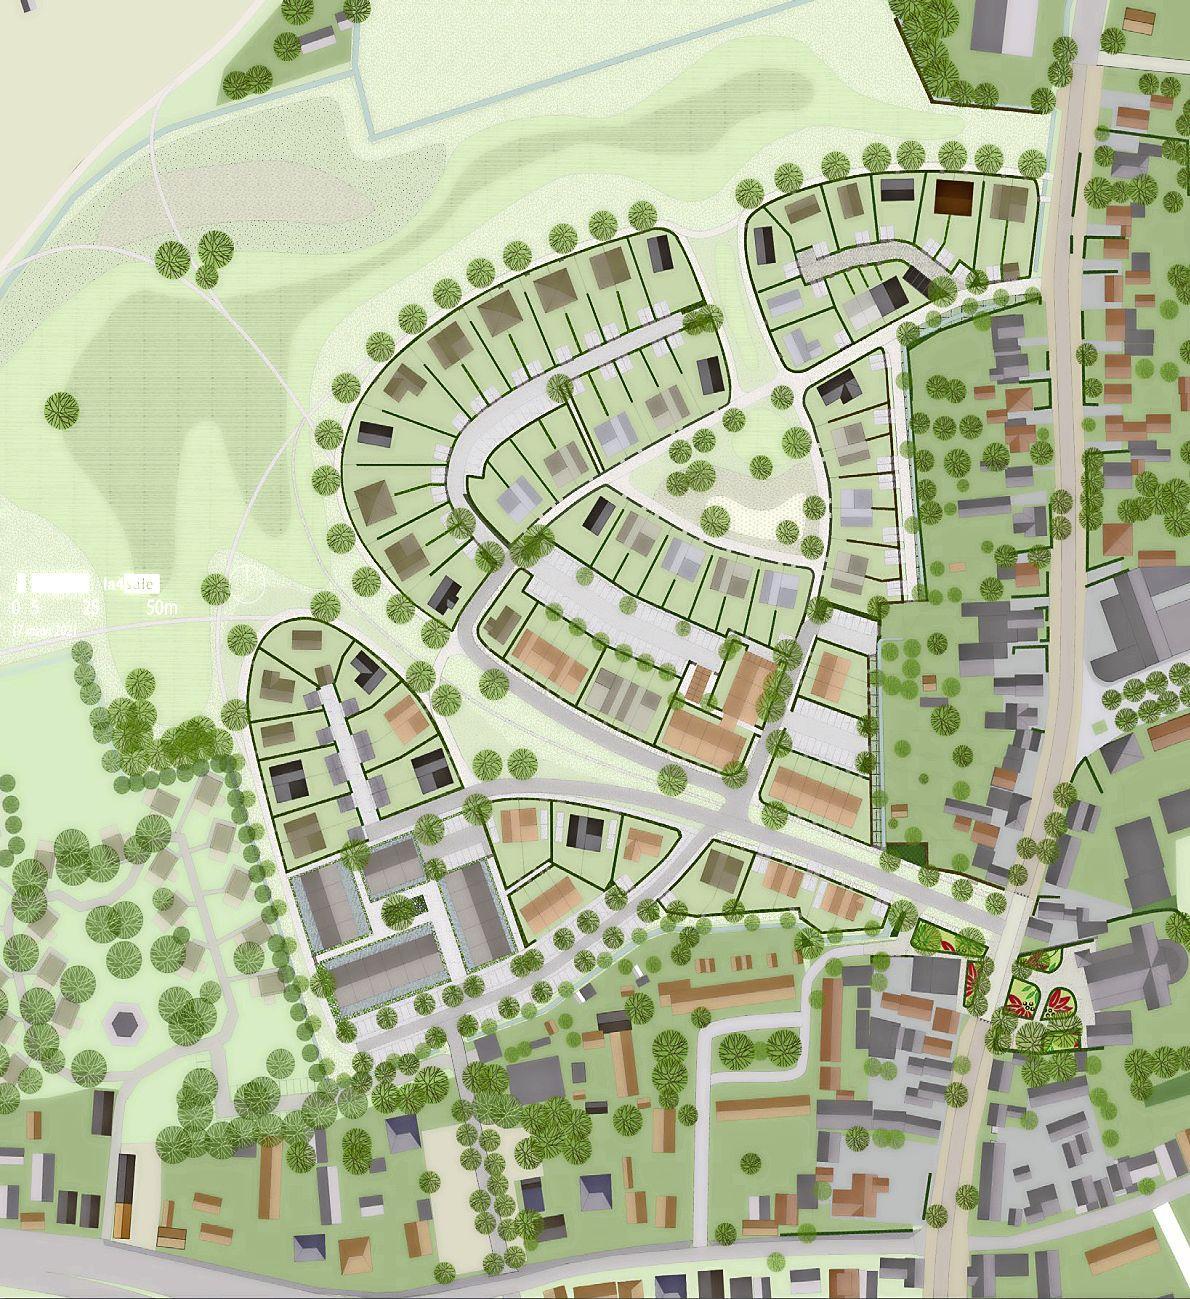 De gemeente Bergen wil 40 procent sociale woningbouw, maar in een plan voor 162 woningen is dat slechts 30 procent. Hoe zit dat?